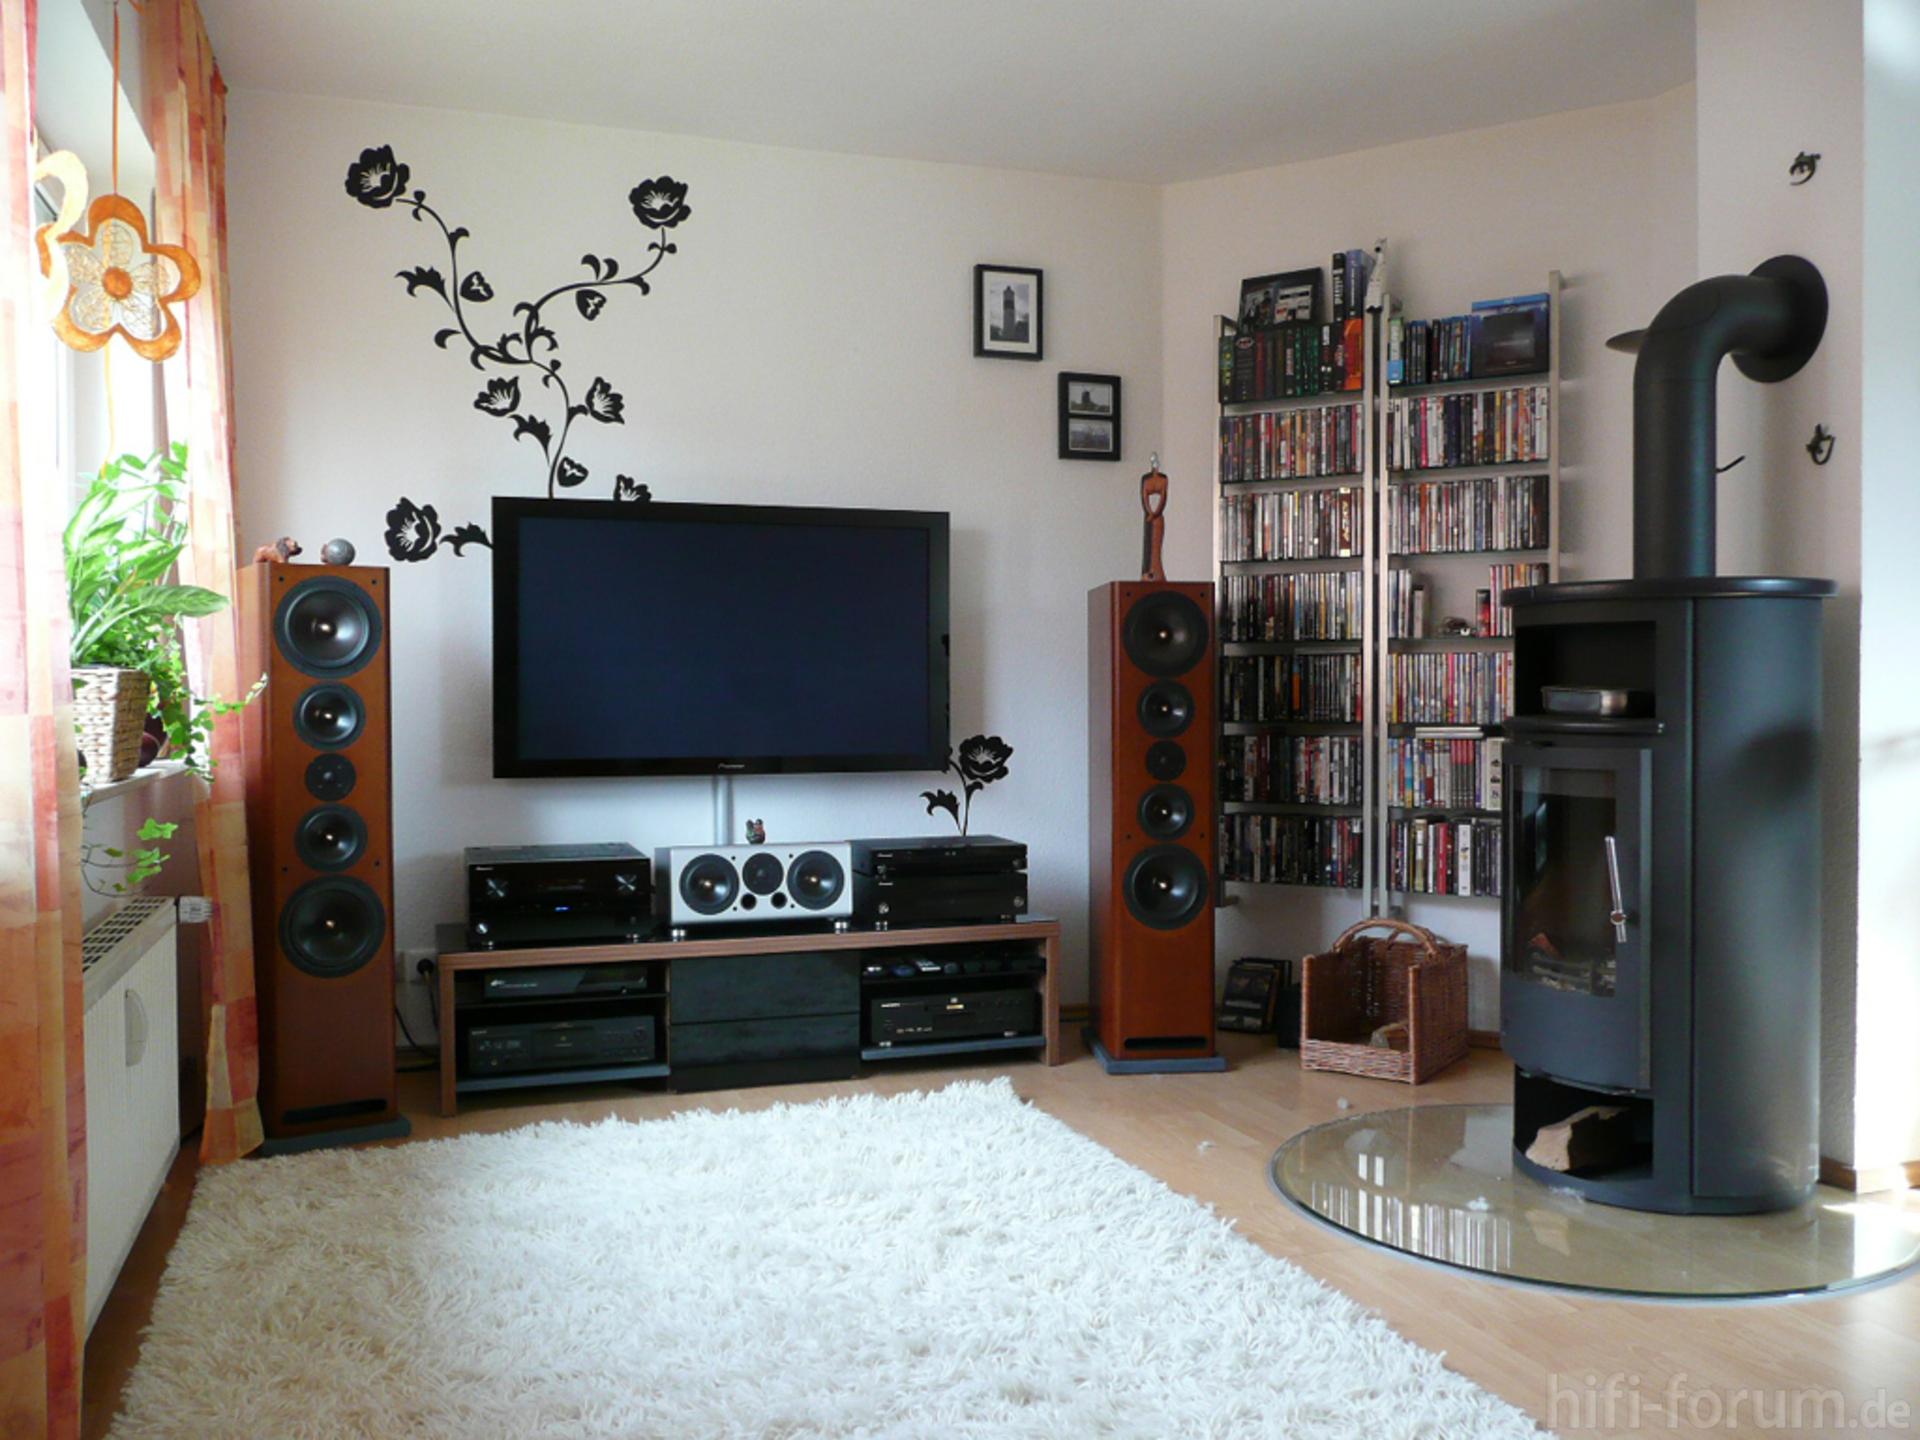 Mein neues Wohnzimmer   2! | asw, cantius, heimkino, jahnke